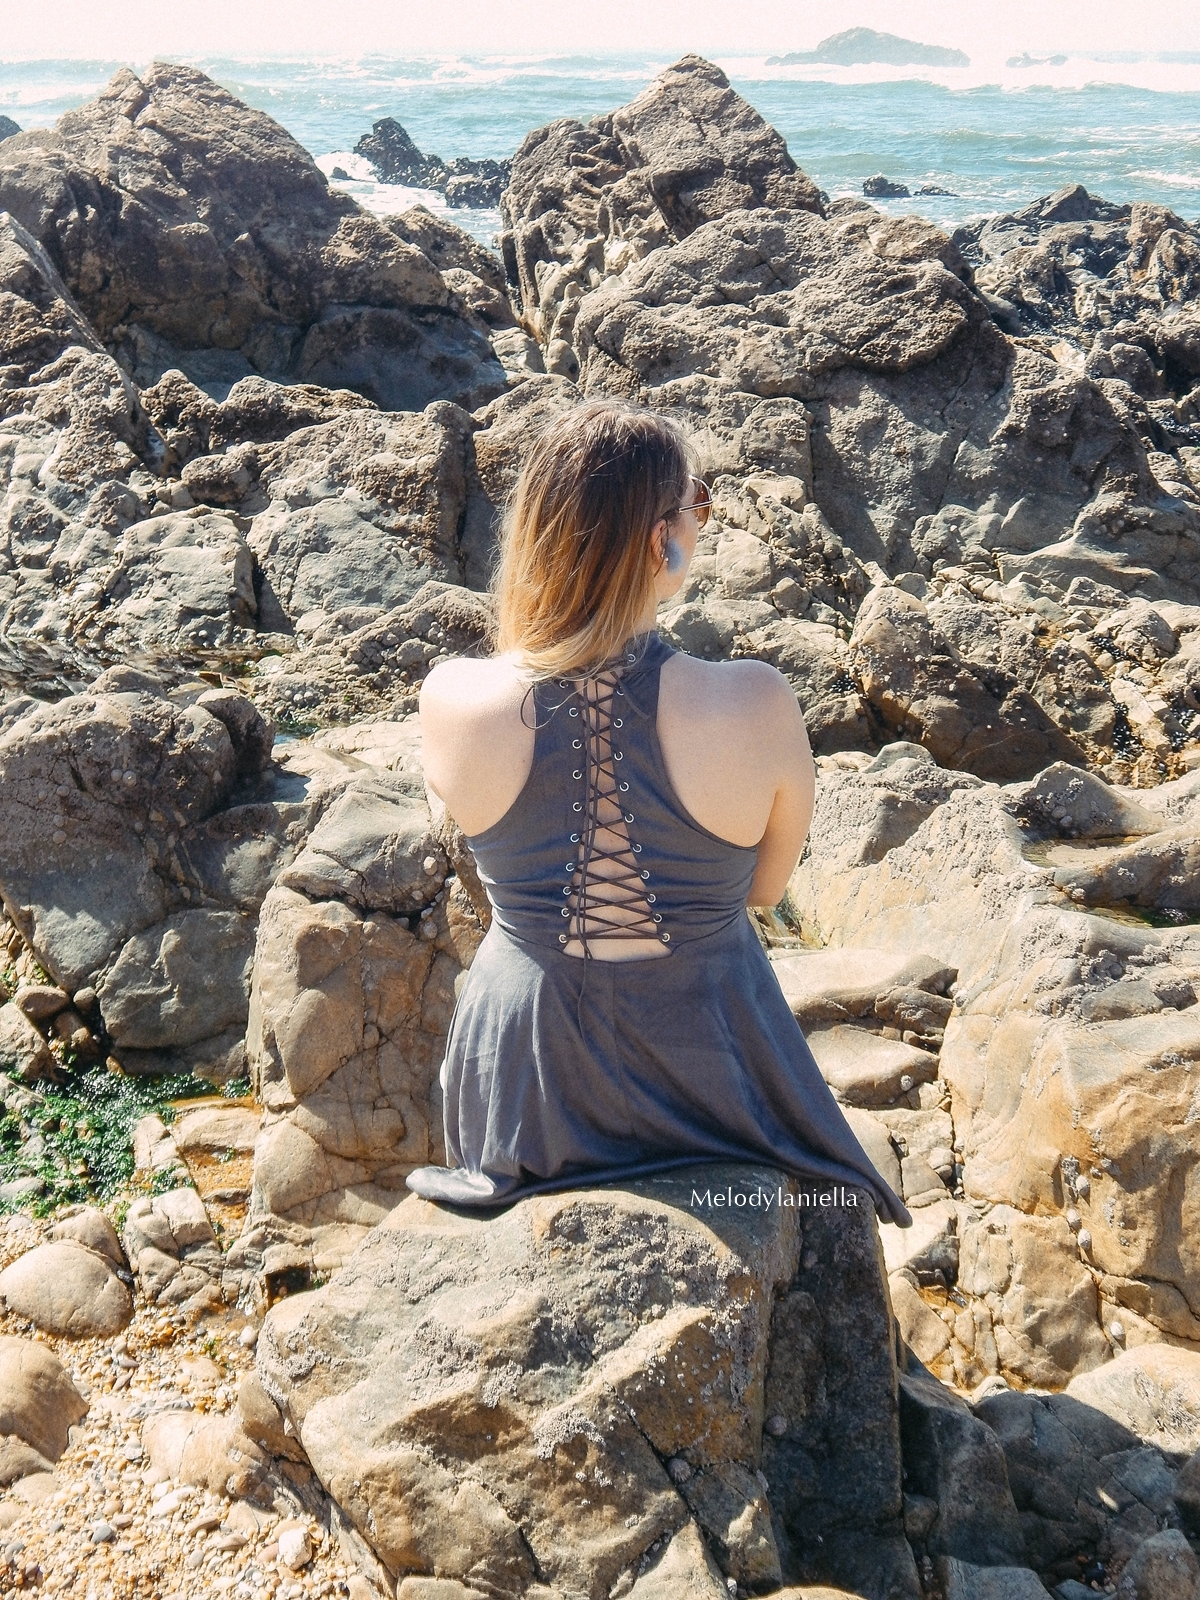 13 stylizacja porto portugalskie plaże co zobaczyć w portugalii szara sukienka sznurowana na plecach sukienka z zamszu szare sukienki sznurowania jaka sukienka dla blondynek mini szare espadryle biżuteria